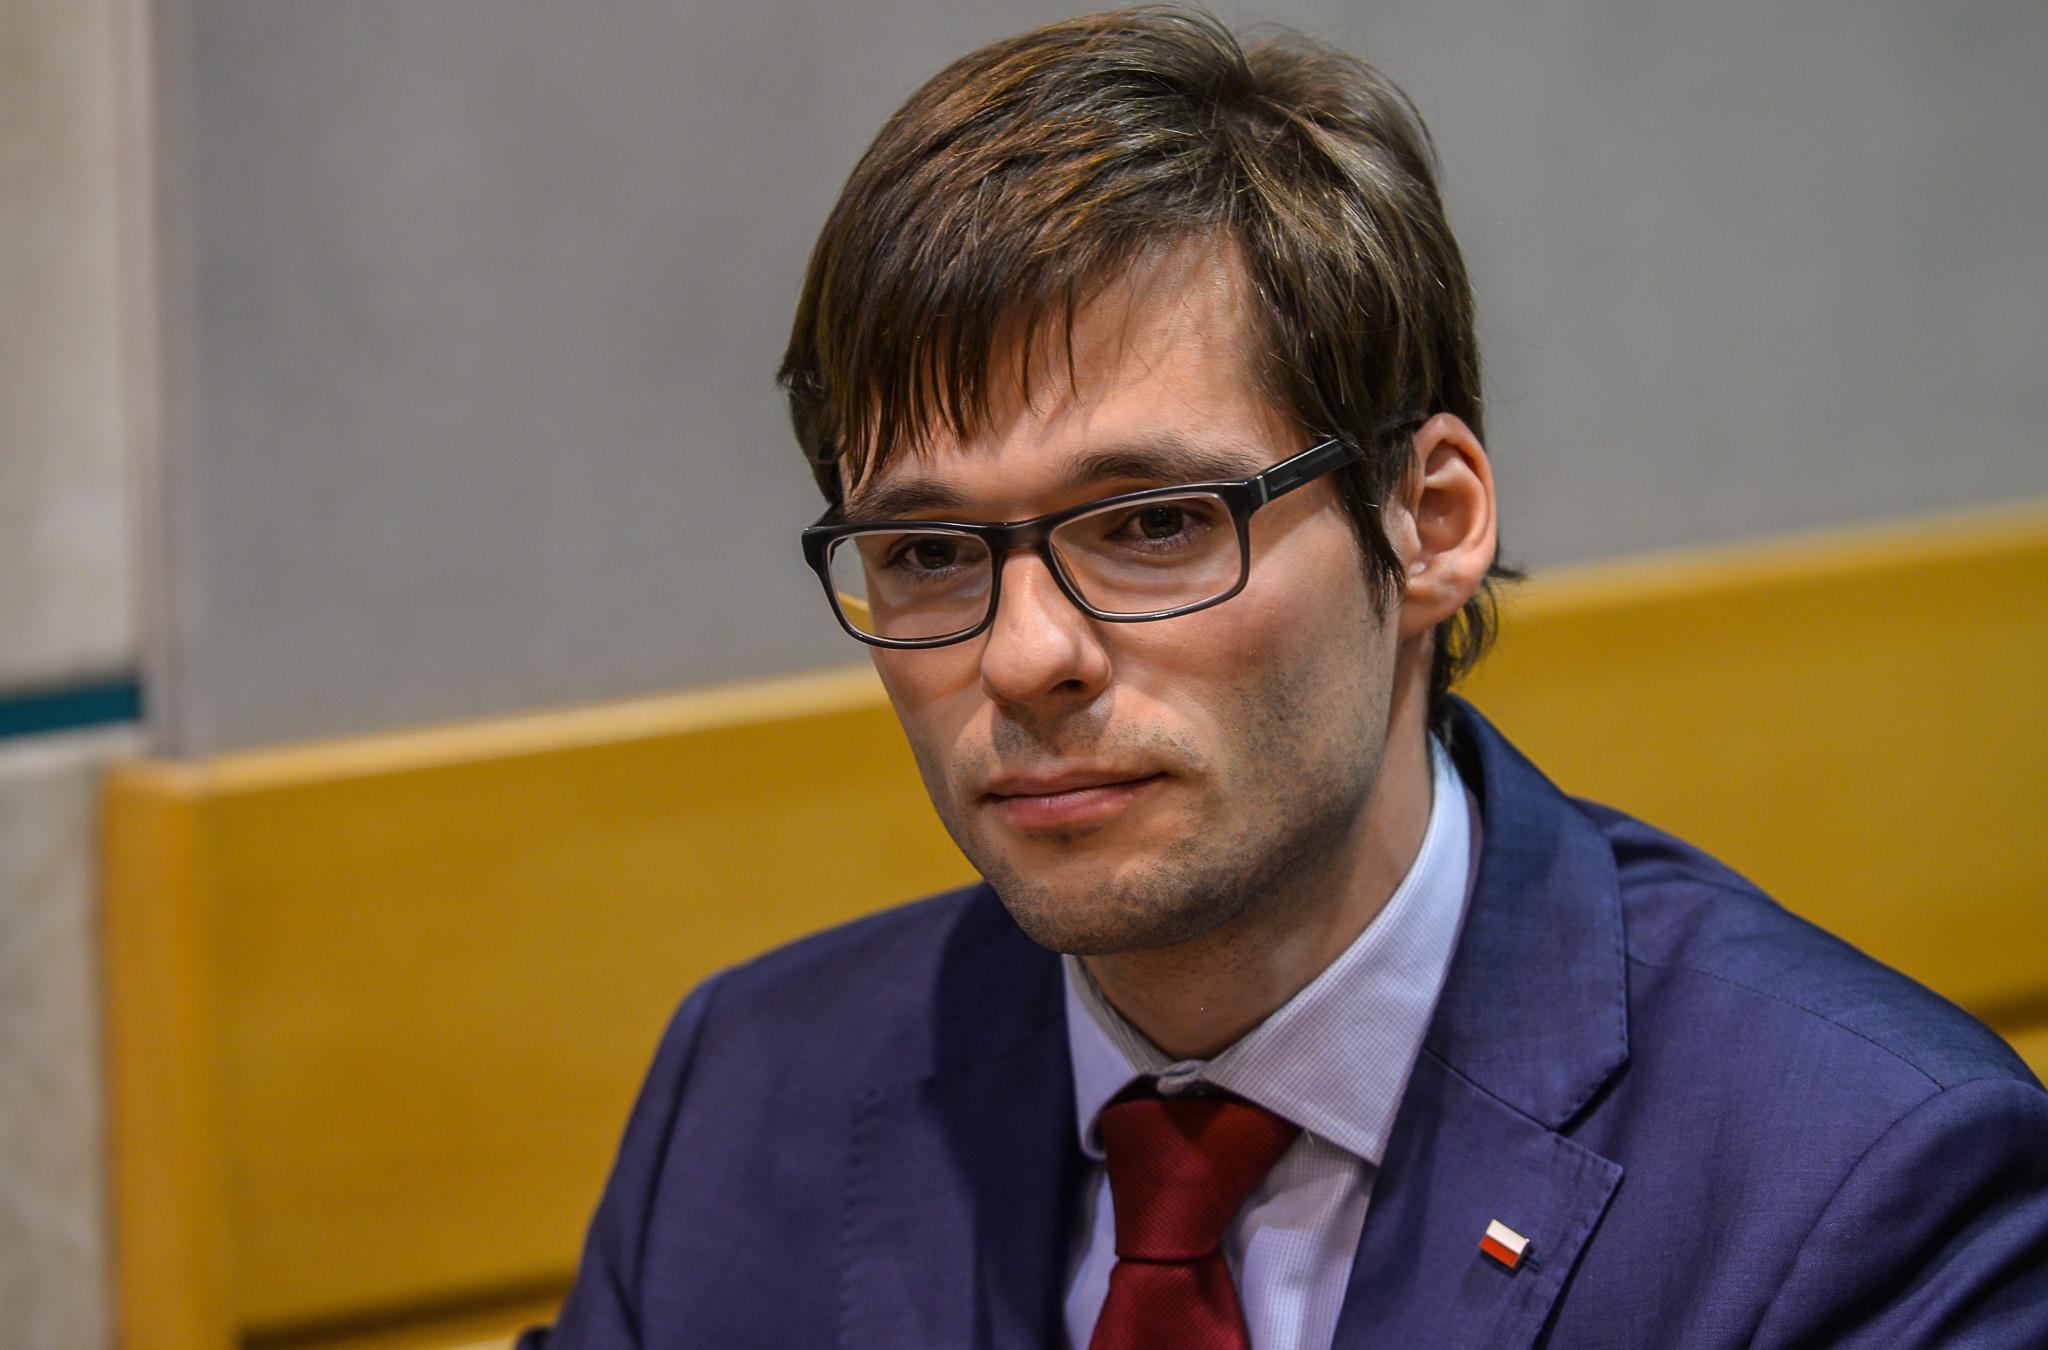 Dudziński Marek, fot. Przemysław Świderski